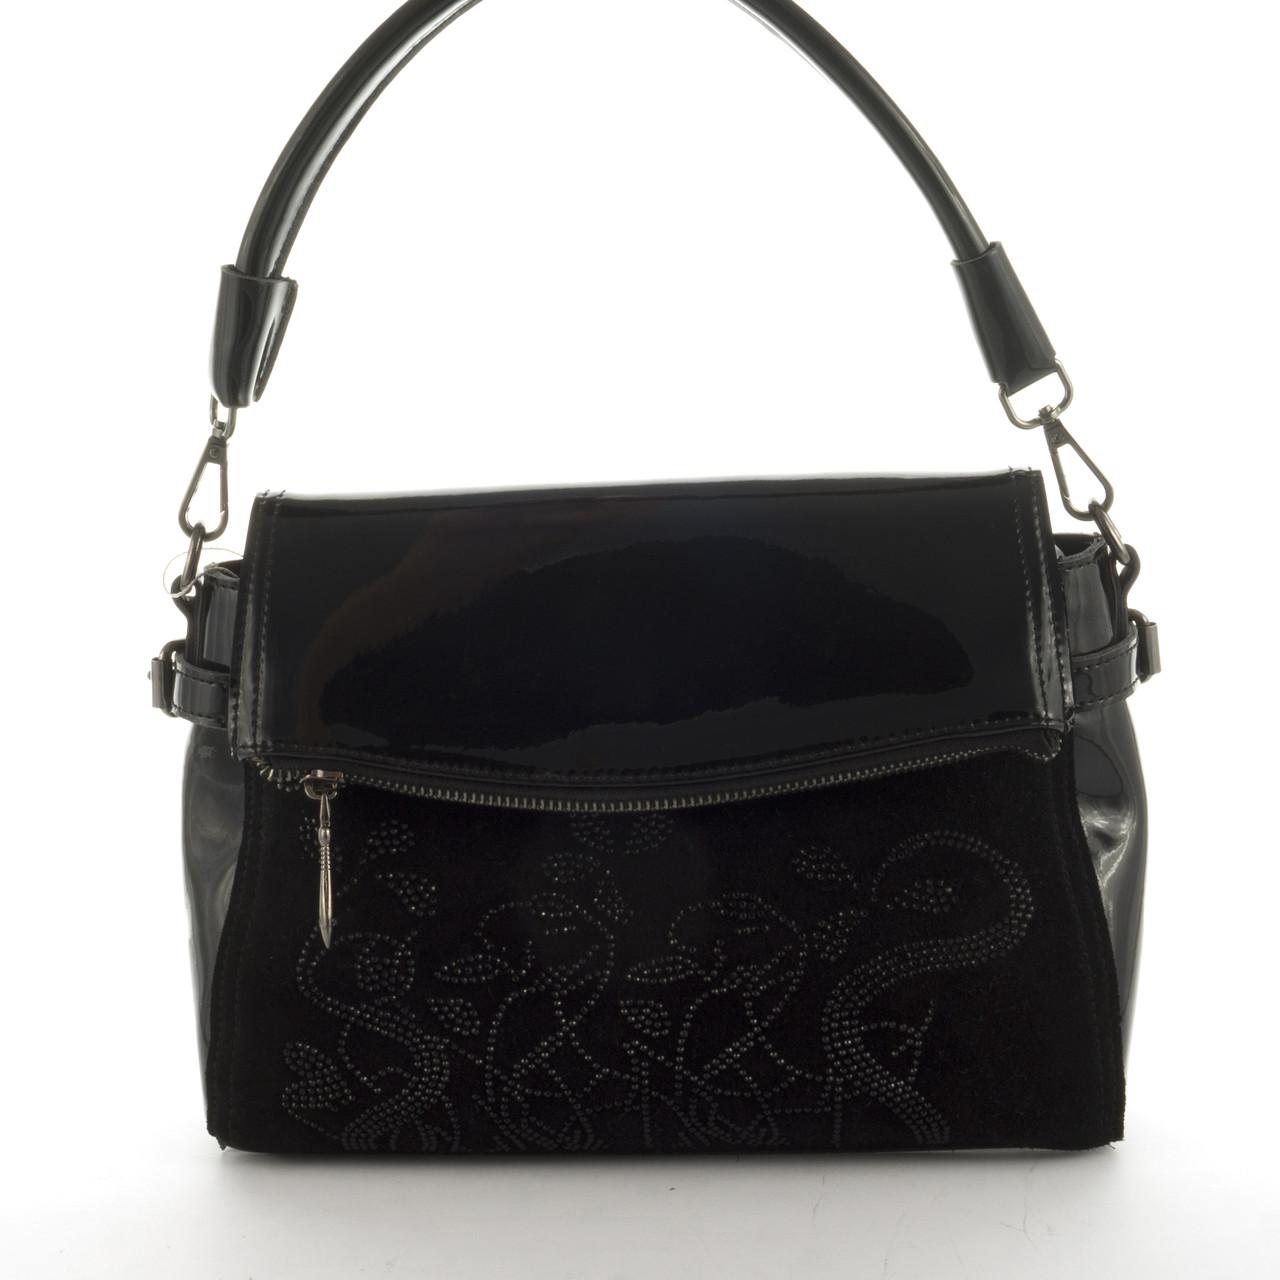 2663d46f5086 Оригинальная стильная прочная элегантная кожаная женская сумка с замшевой  вставкой SOLANA art. 335 черная